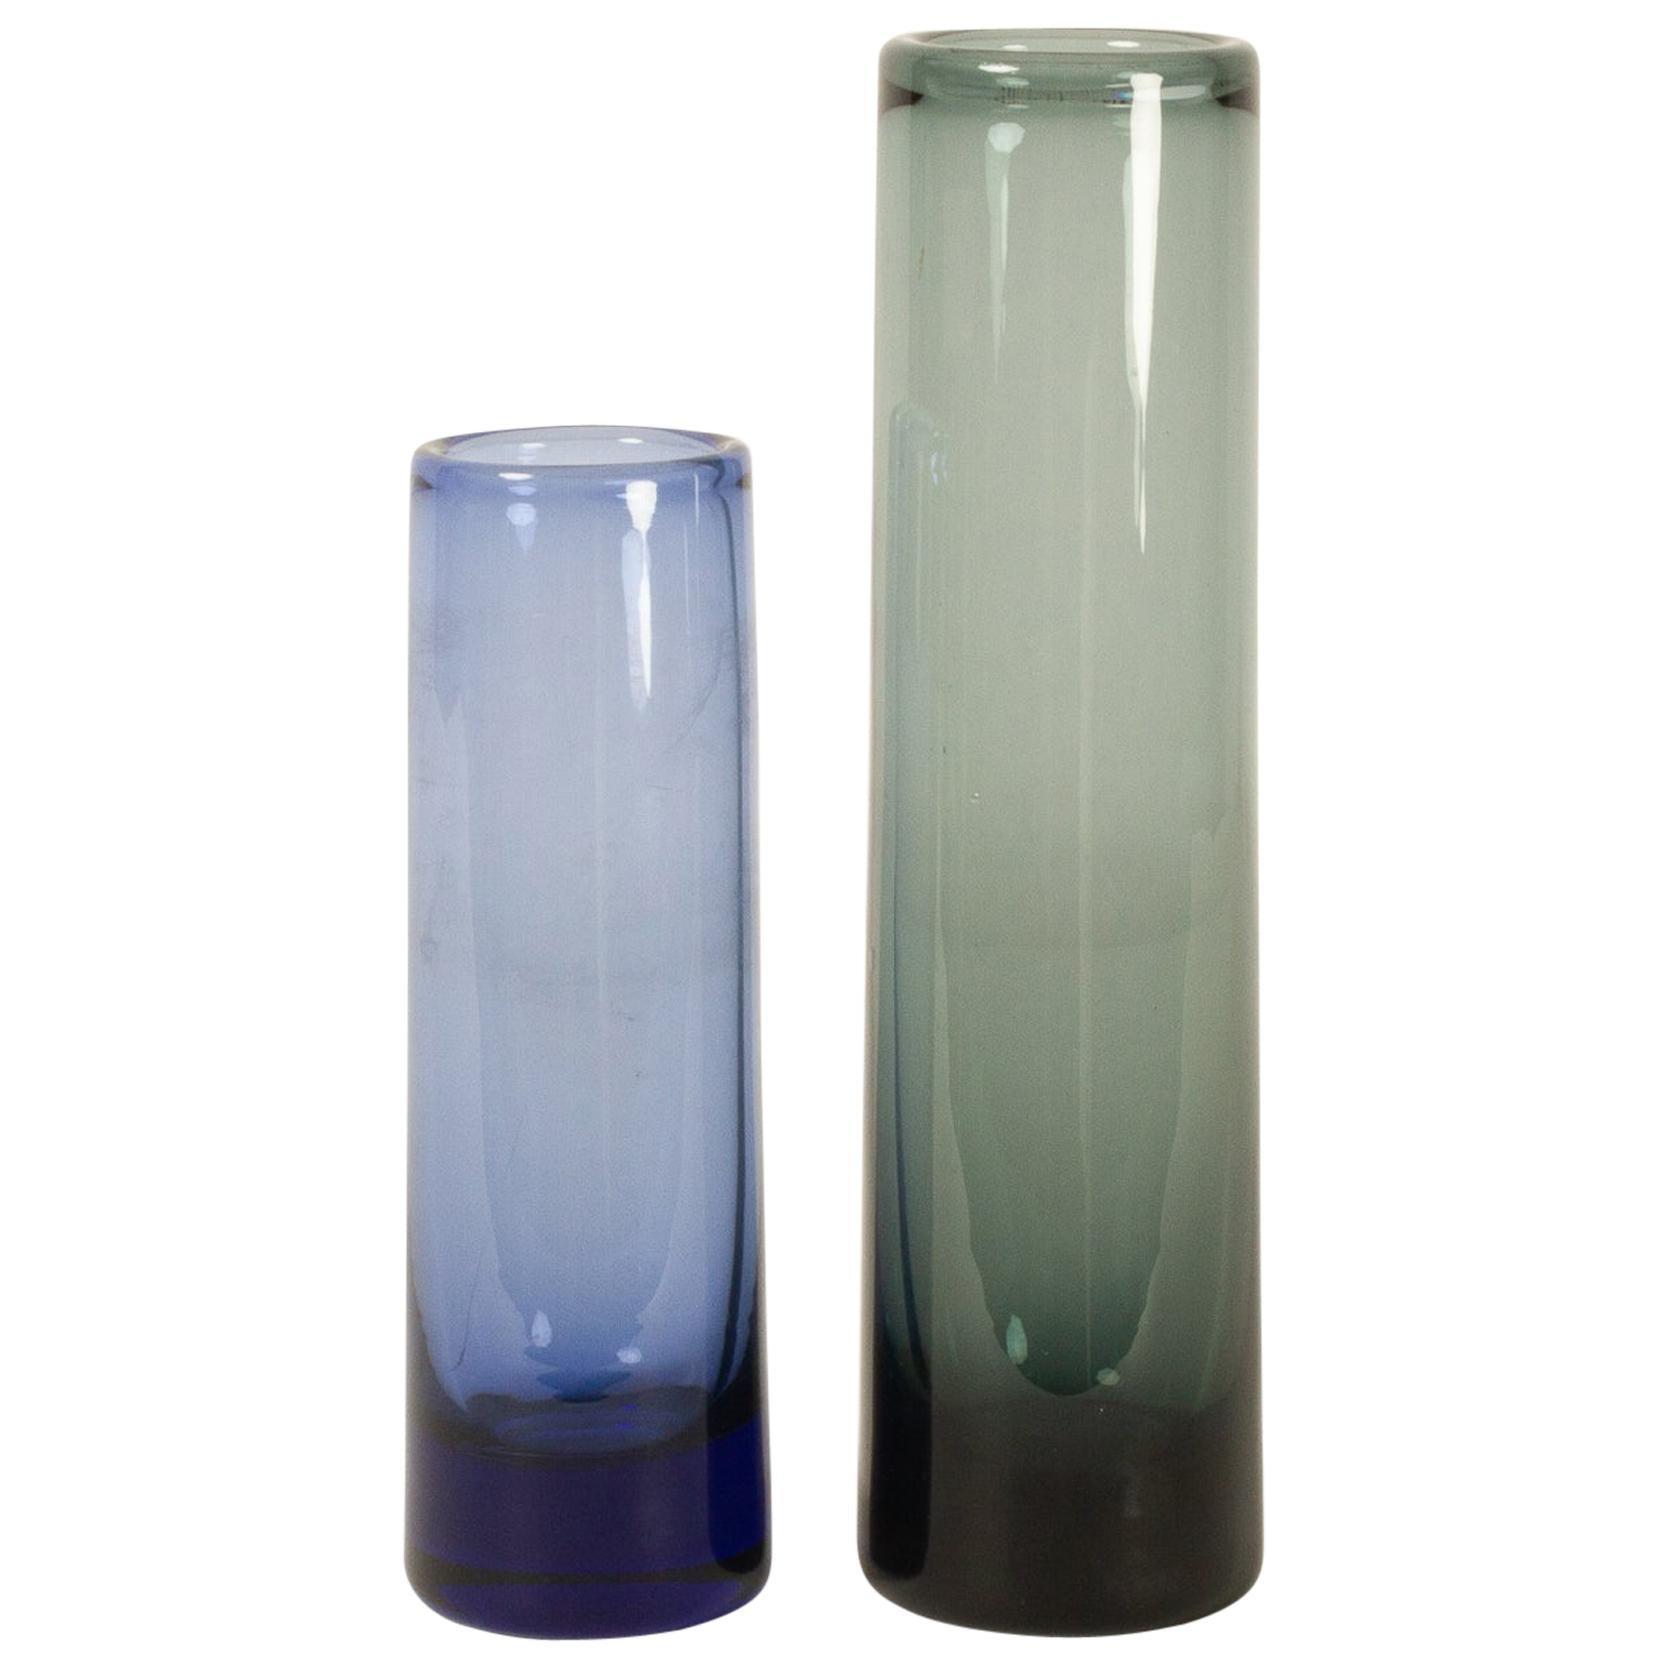 Danish Vintage Glass Vases by Per Lütken for Holmegaard, 1950s